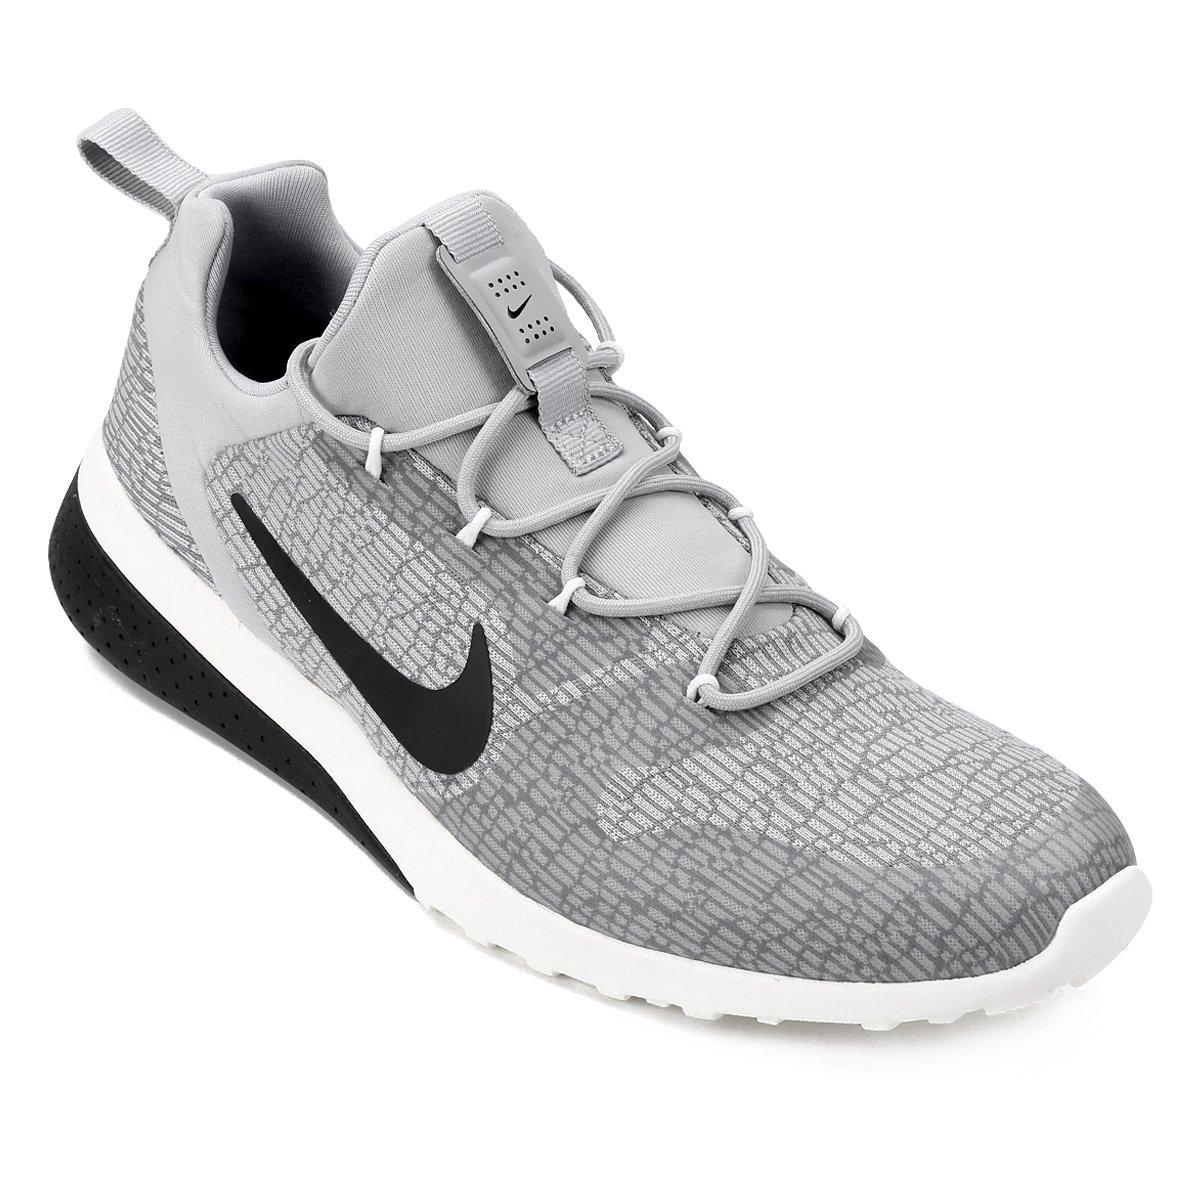 6f31553548247 Tênis Nike Ck Racer - Compre Agora